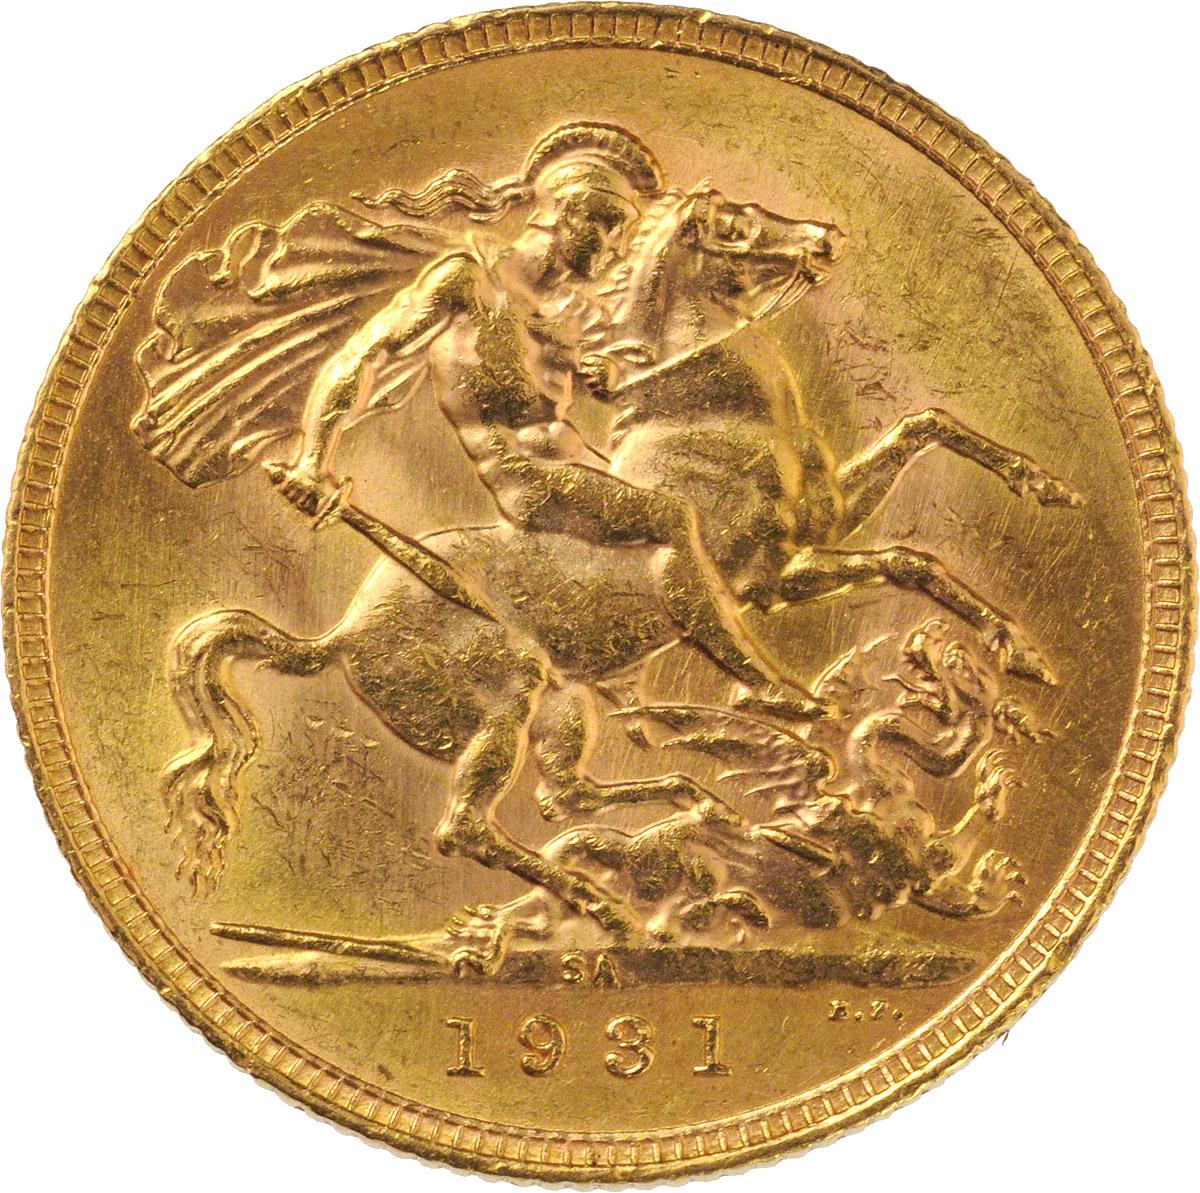 1931 Γεώργιος Ε' (Νομισματοκοπείο Πρετόρια, Νότια Αφρική)